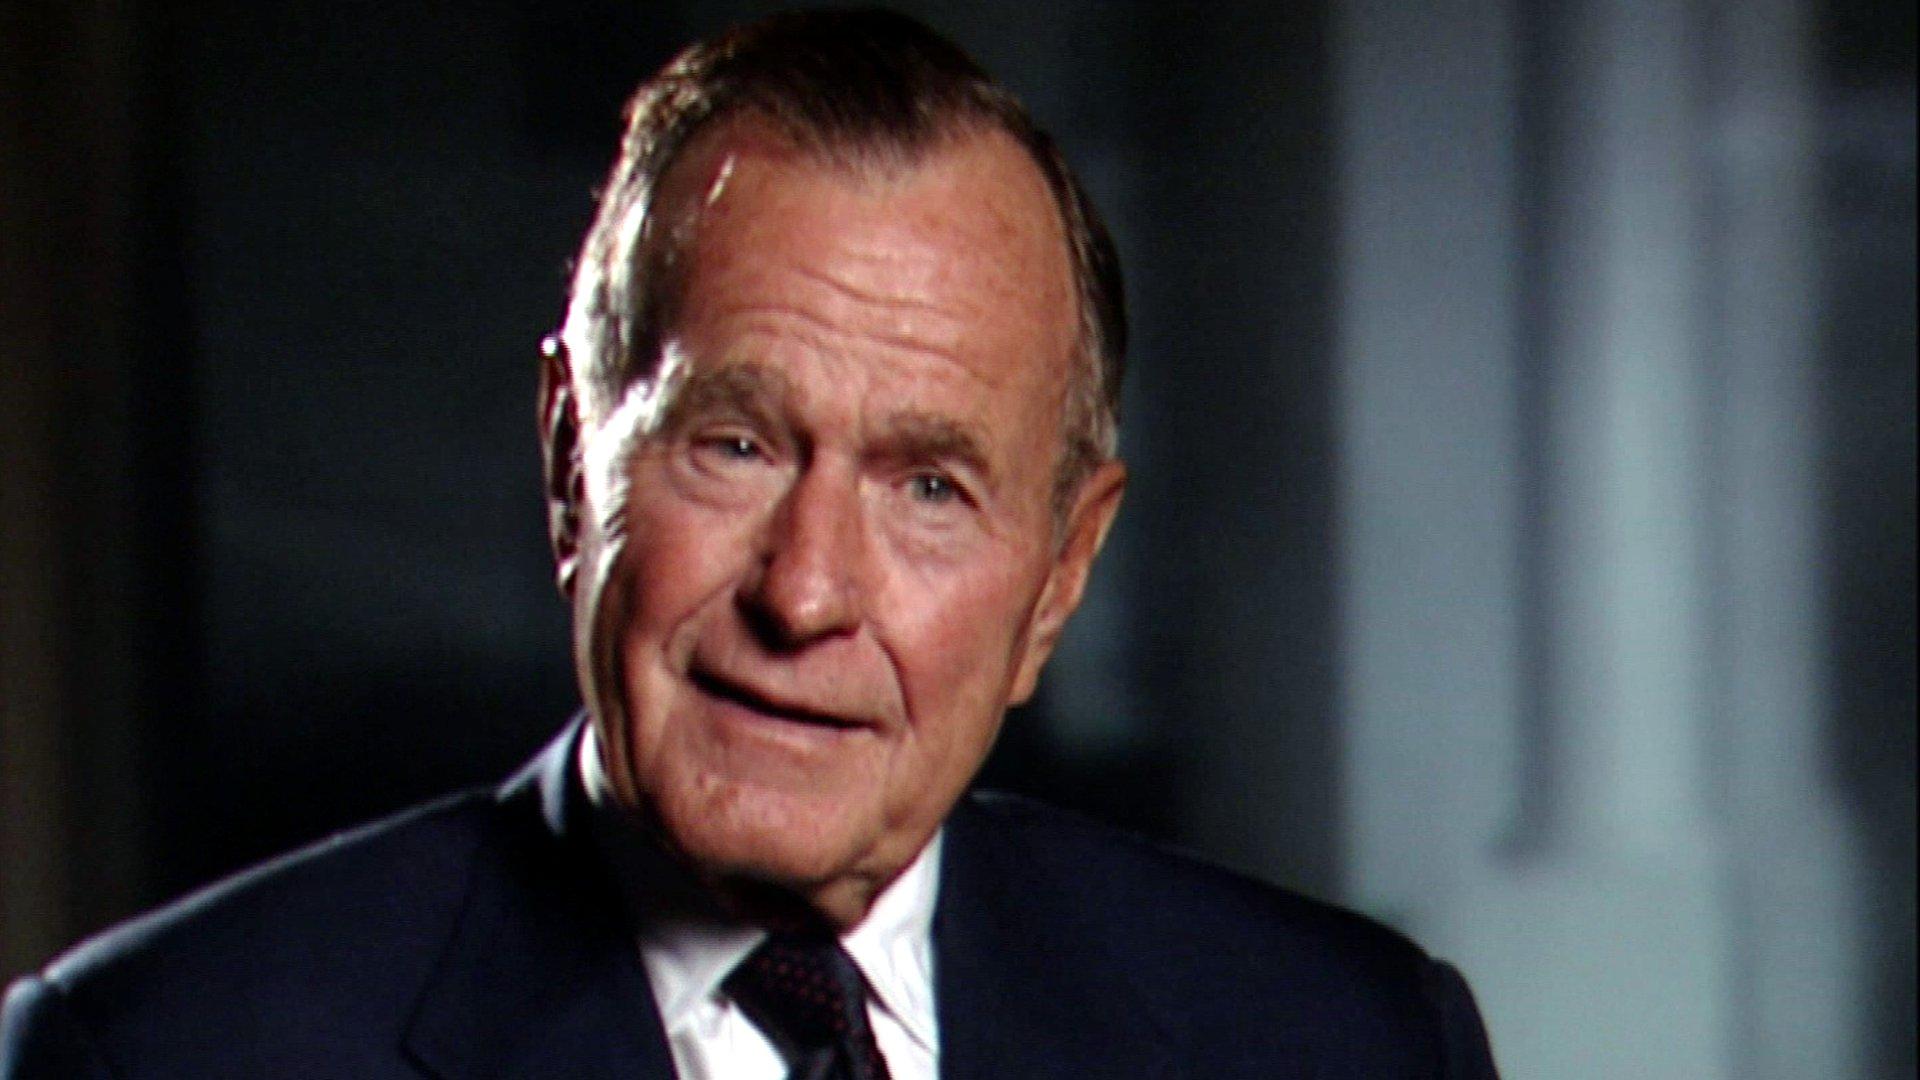 George H. Bush über Helmut Kohl und die Wiedervereinigung Deutschlands, 2003